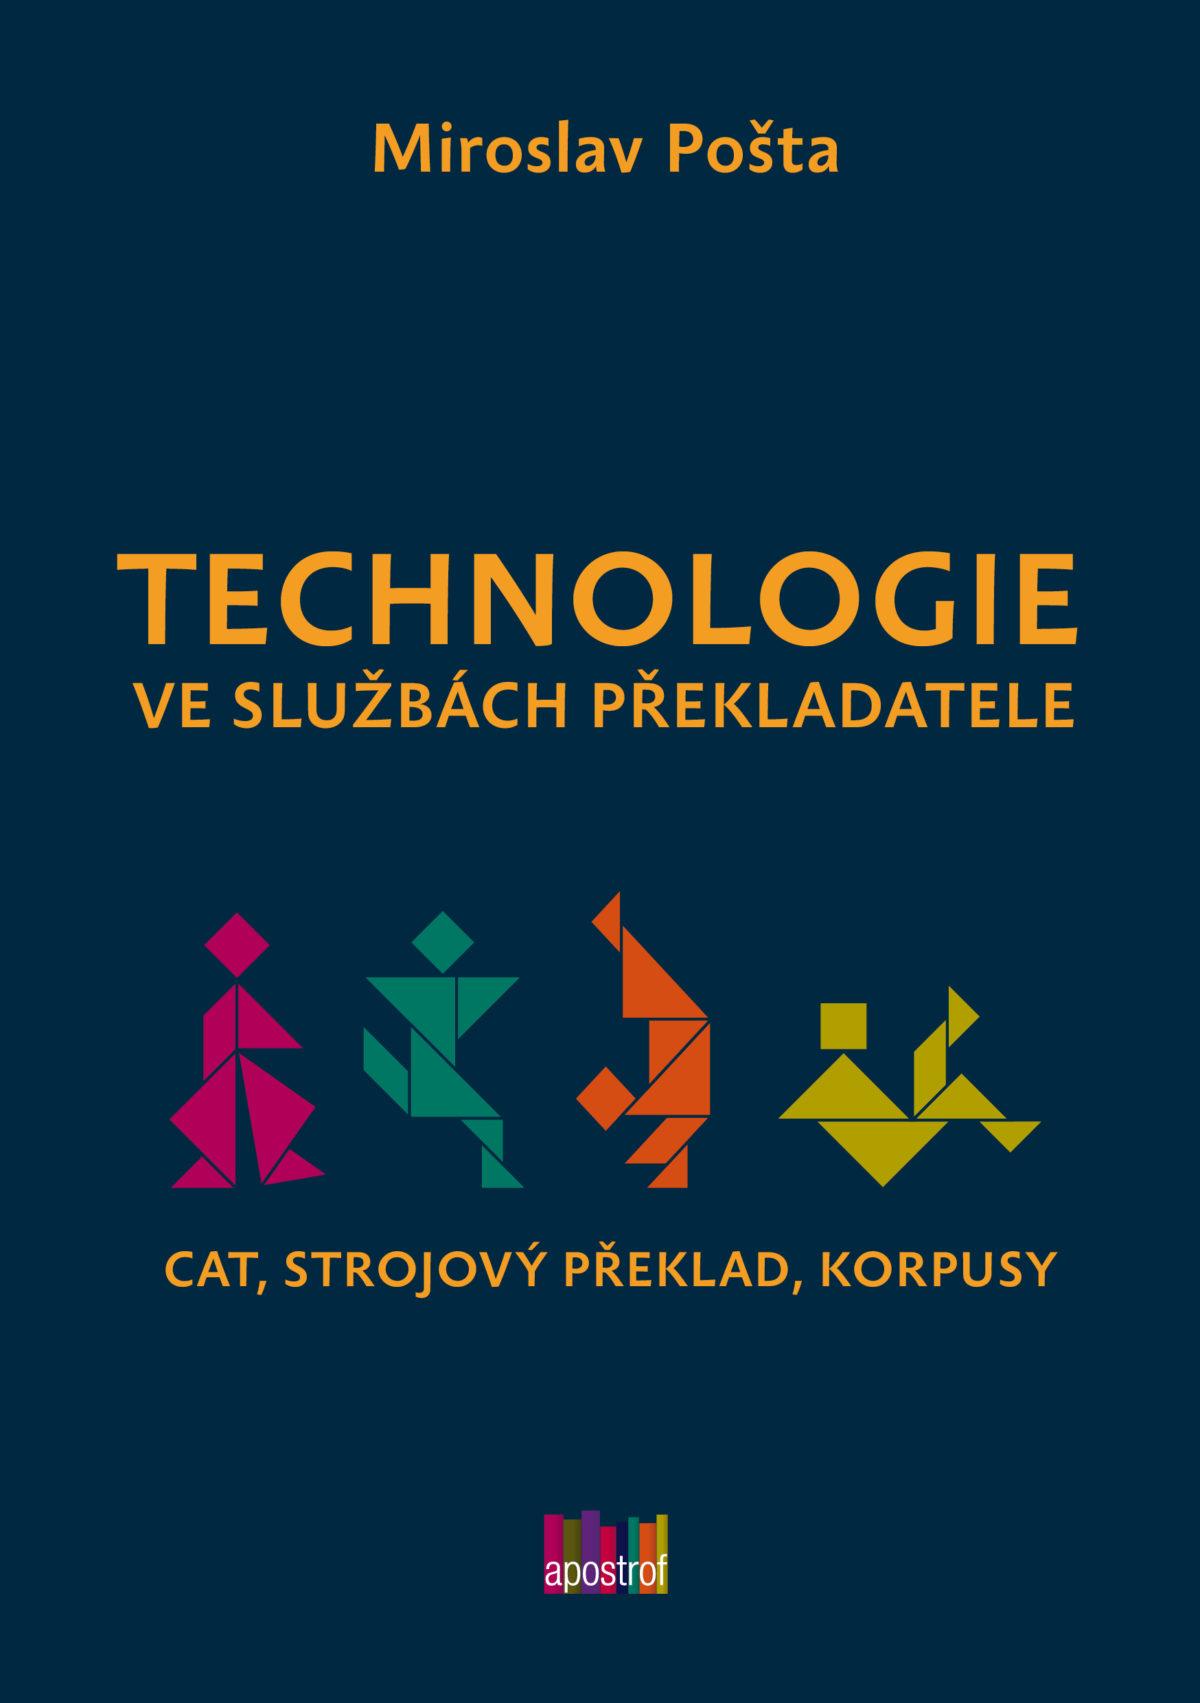 Technologie ve službách překladatele